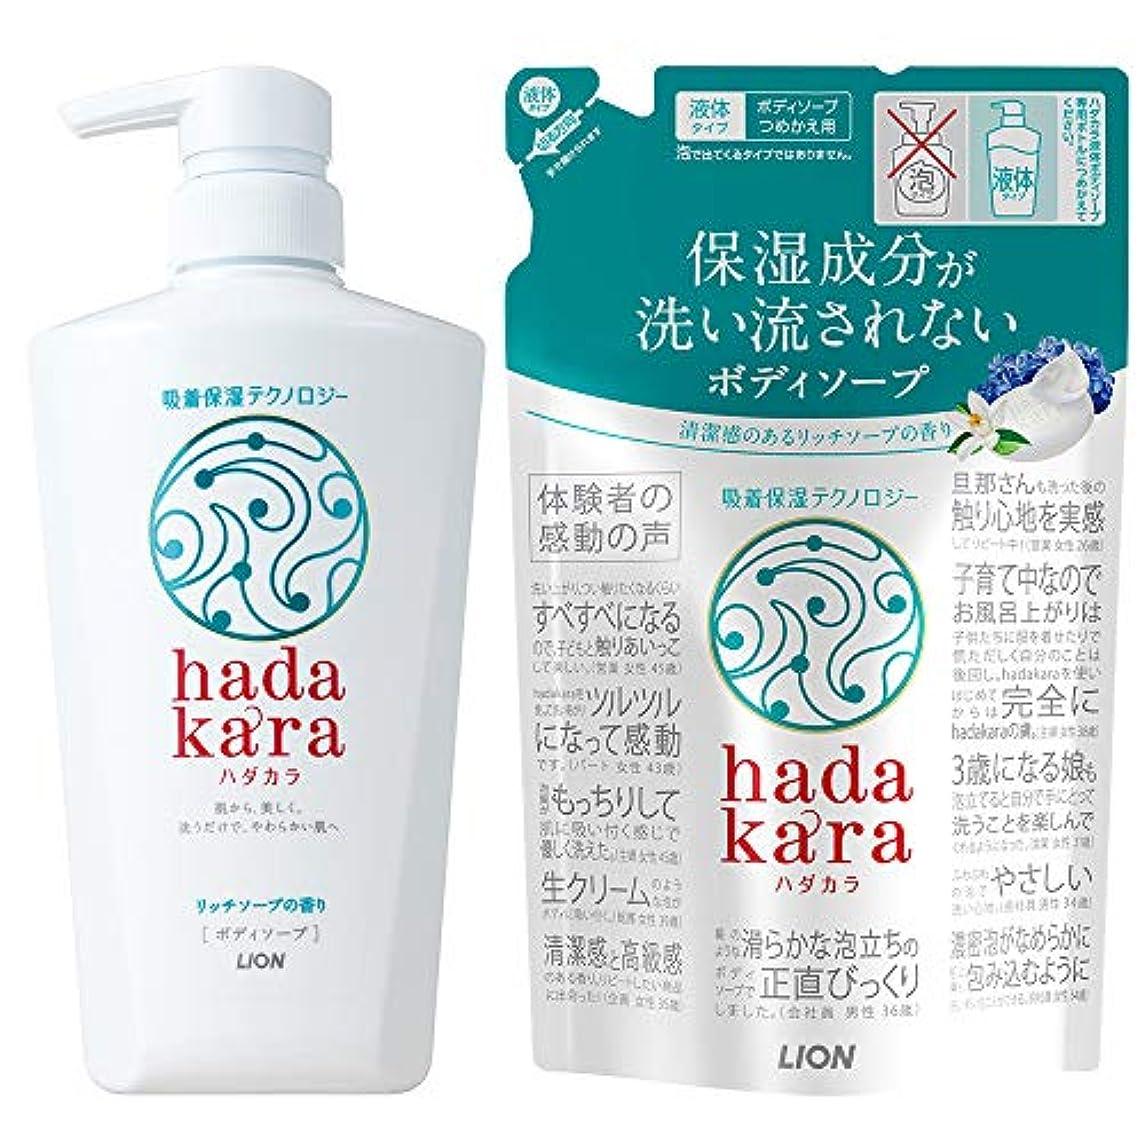 hadakara(ハダカラ) ボディソープ リッチソープの香り 本体500ml+つめかえ360ml